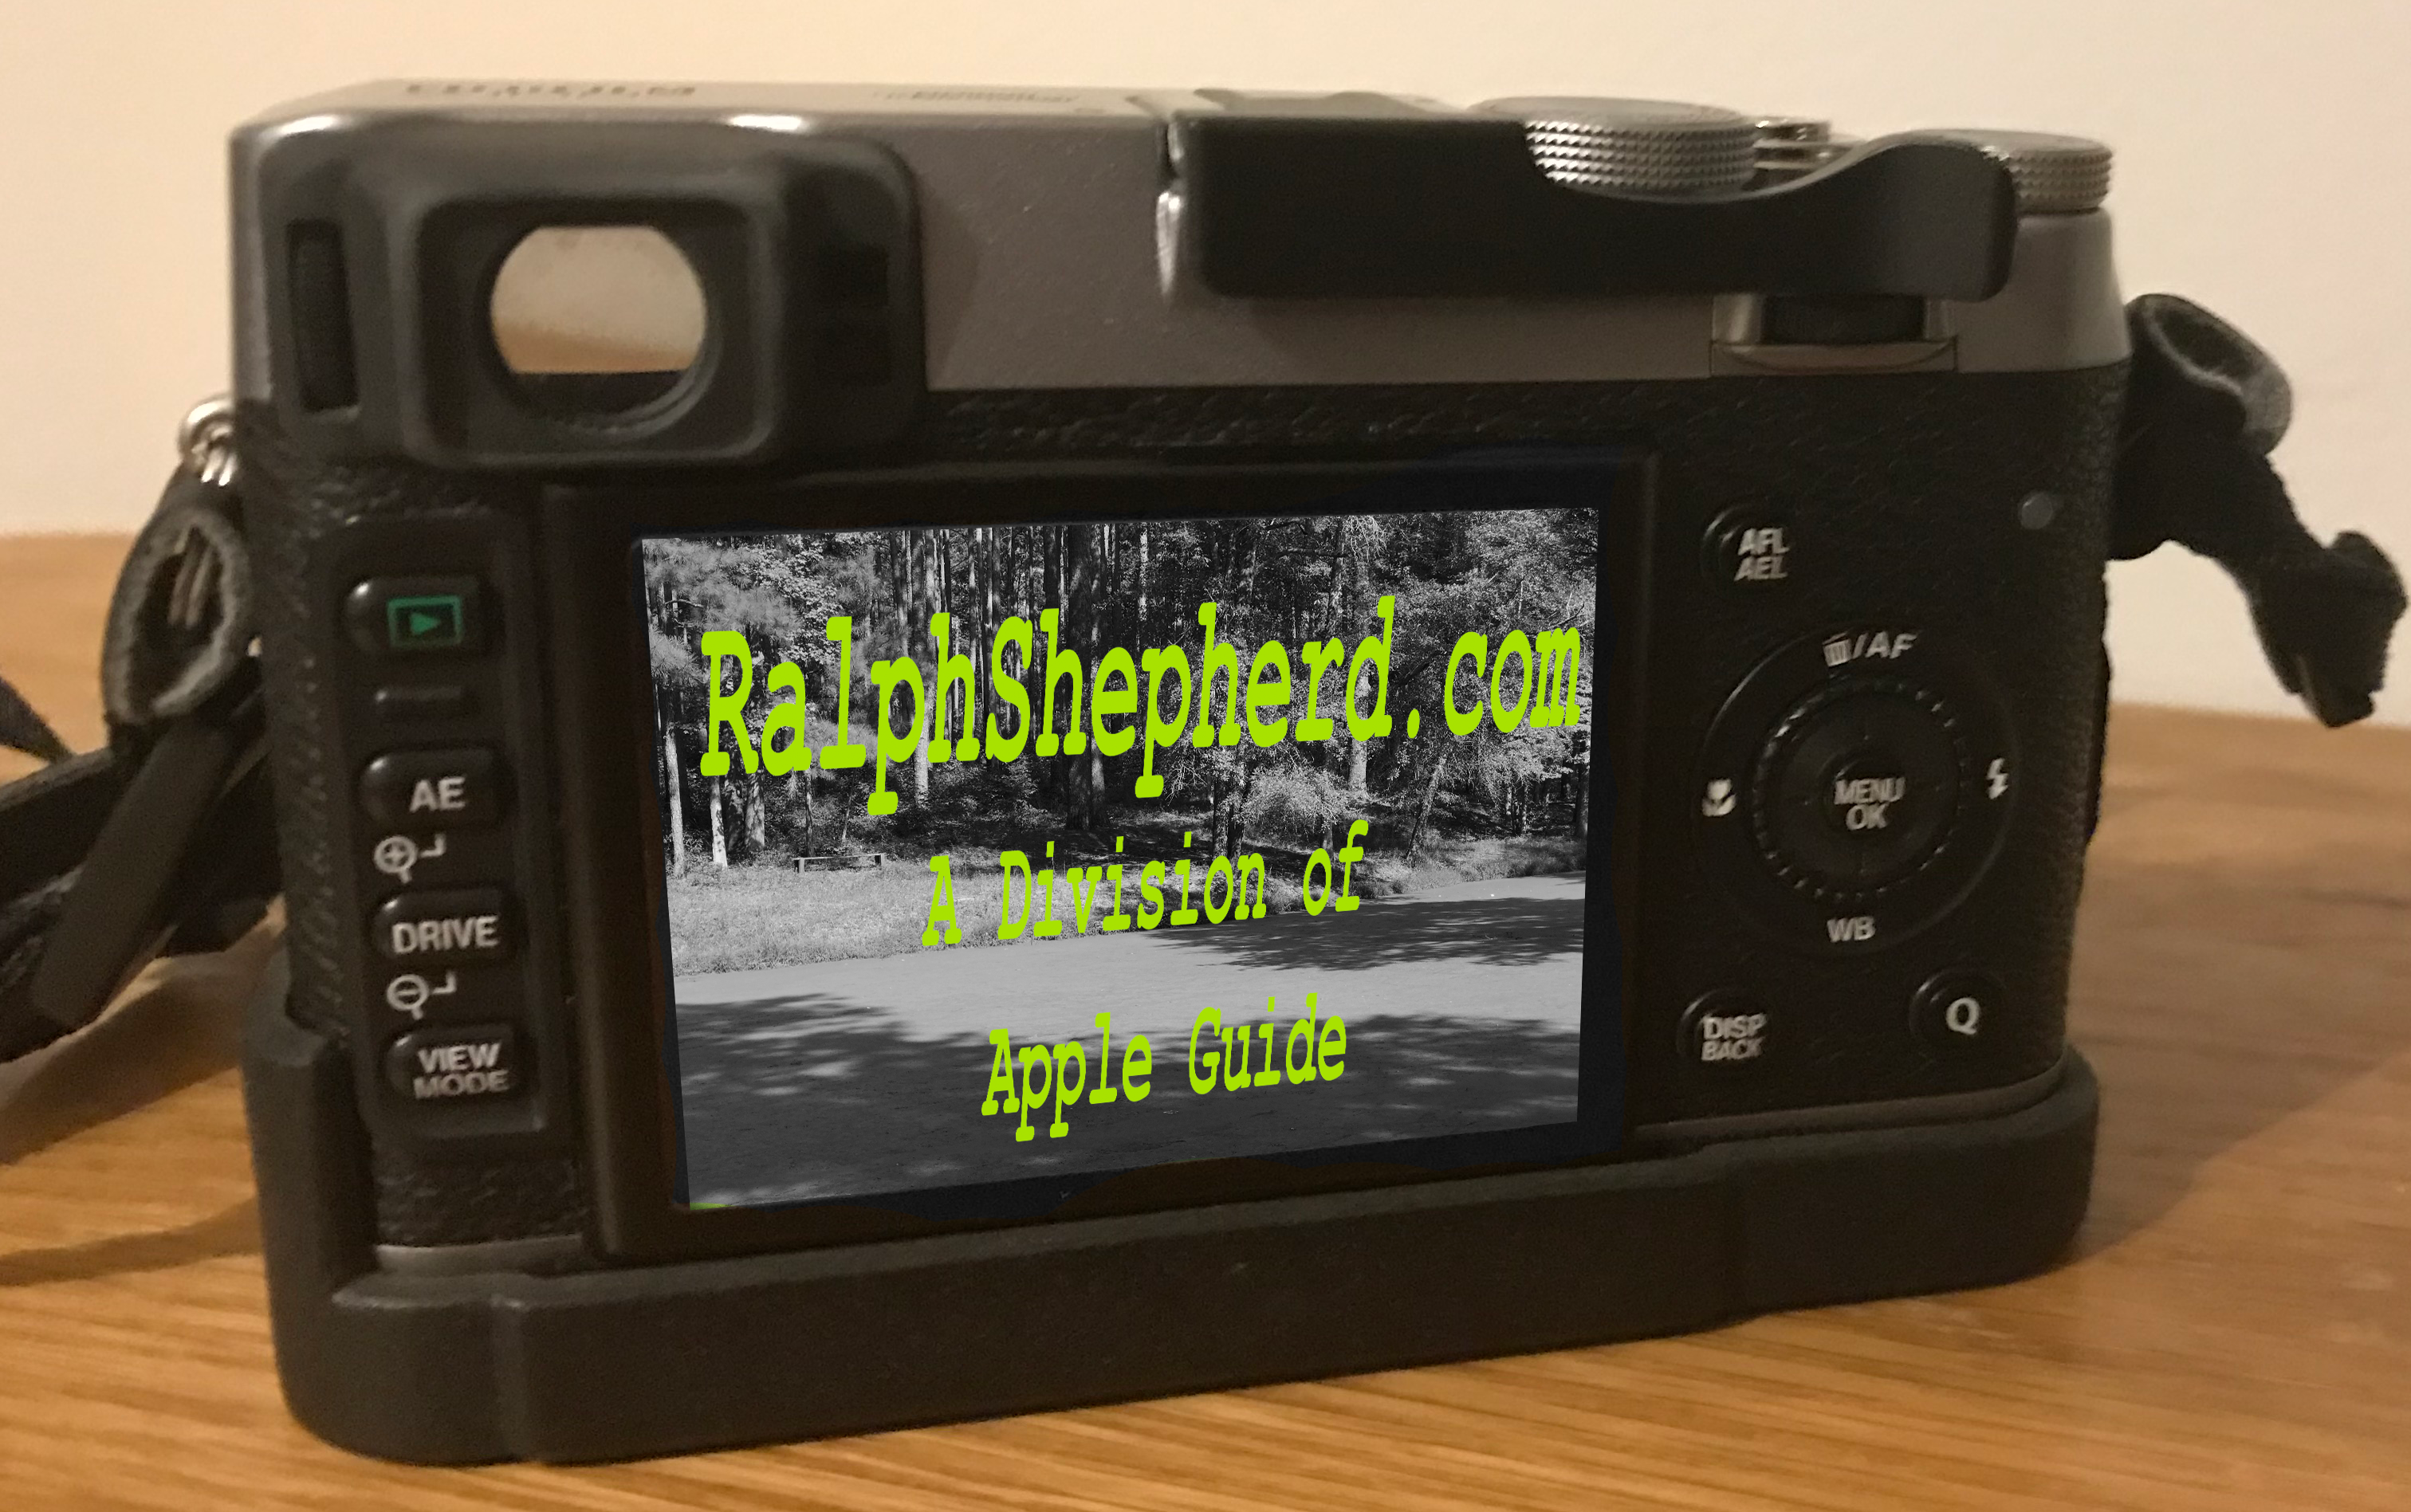 Ralph Shepherd